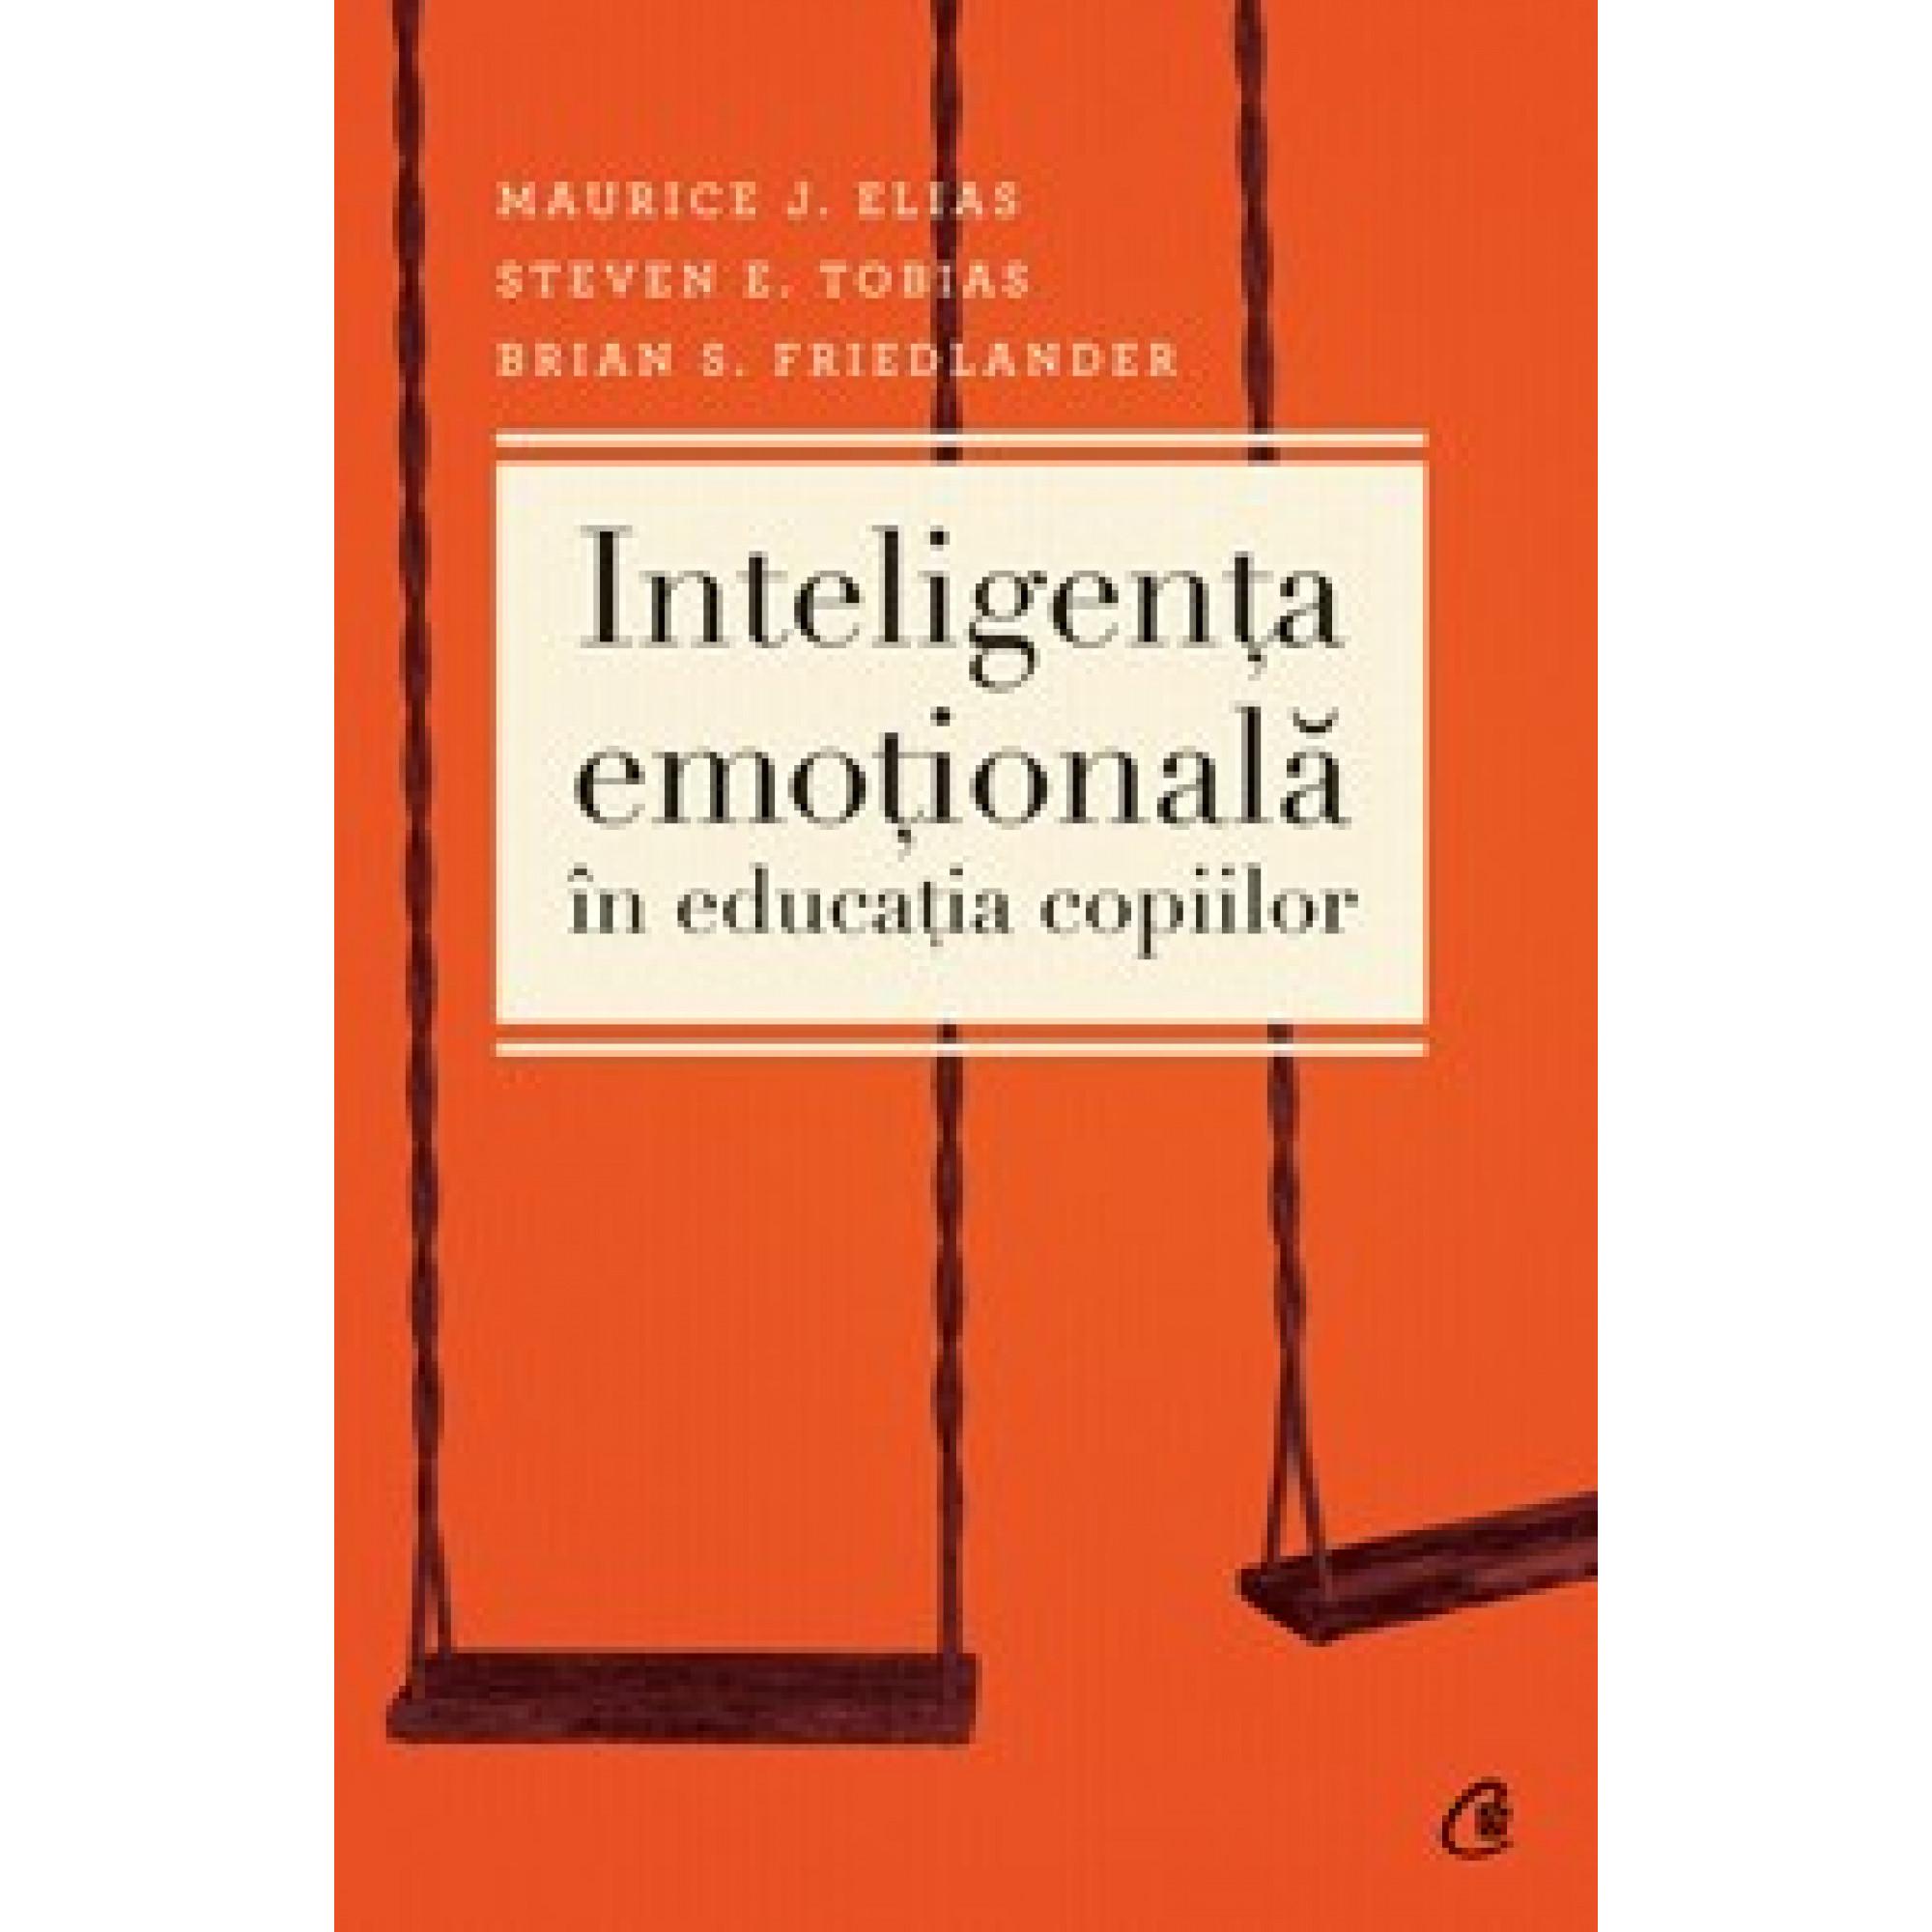 Inteligenţa emoţională în educaţia copiilor. Ediţia a III-a